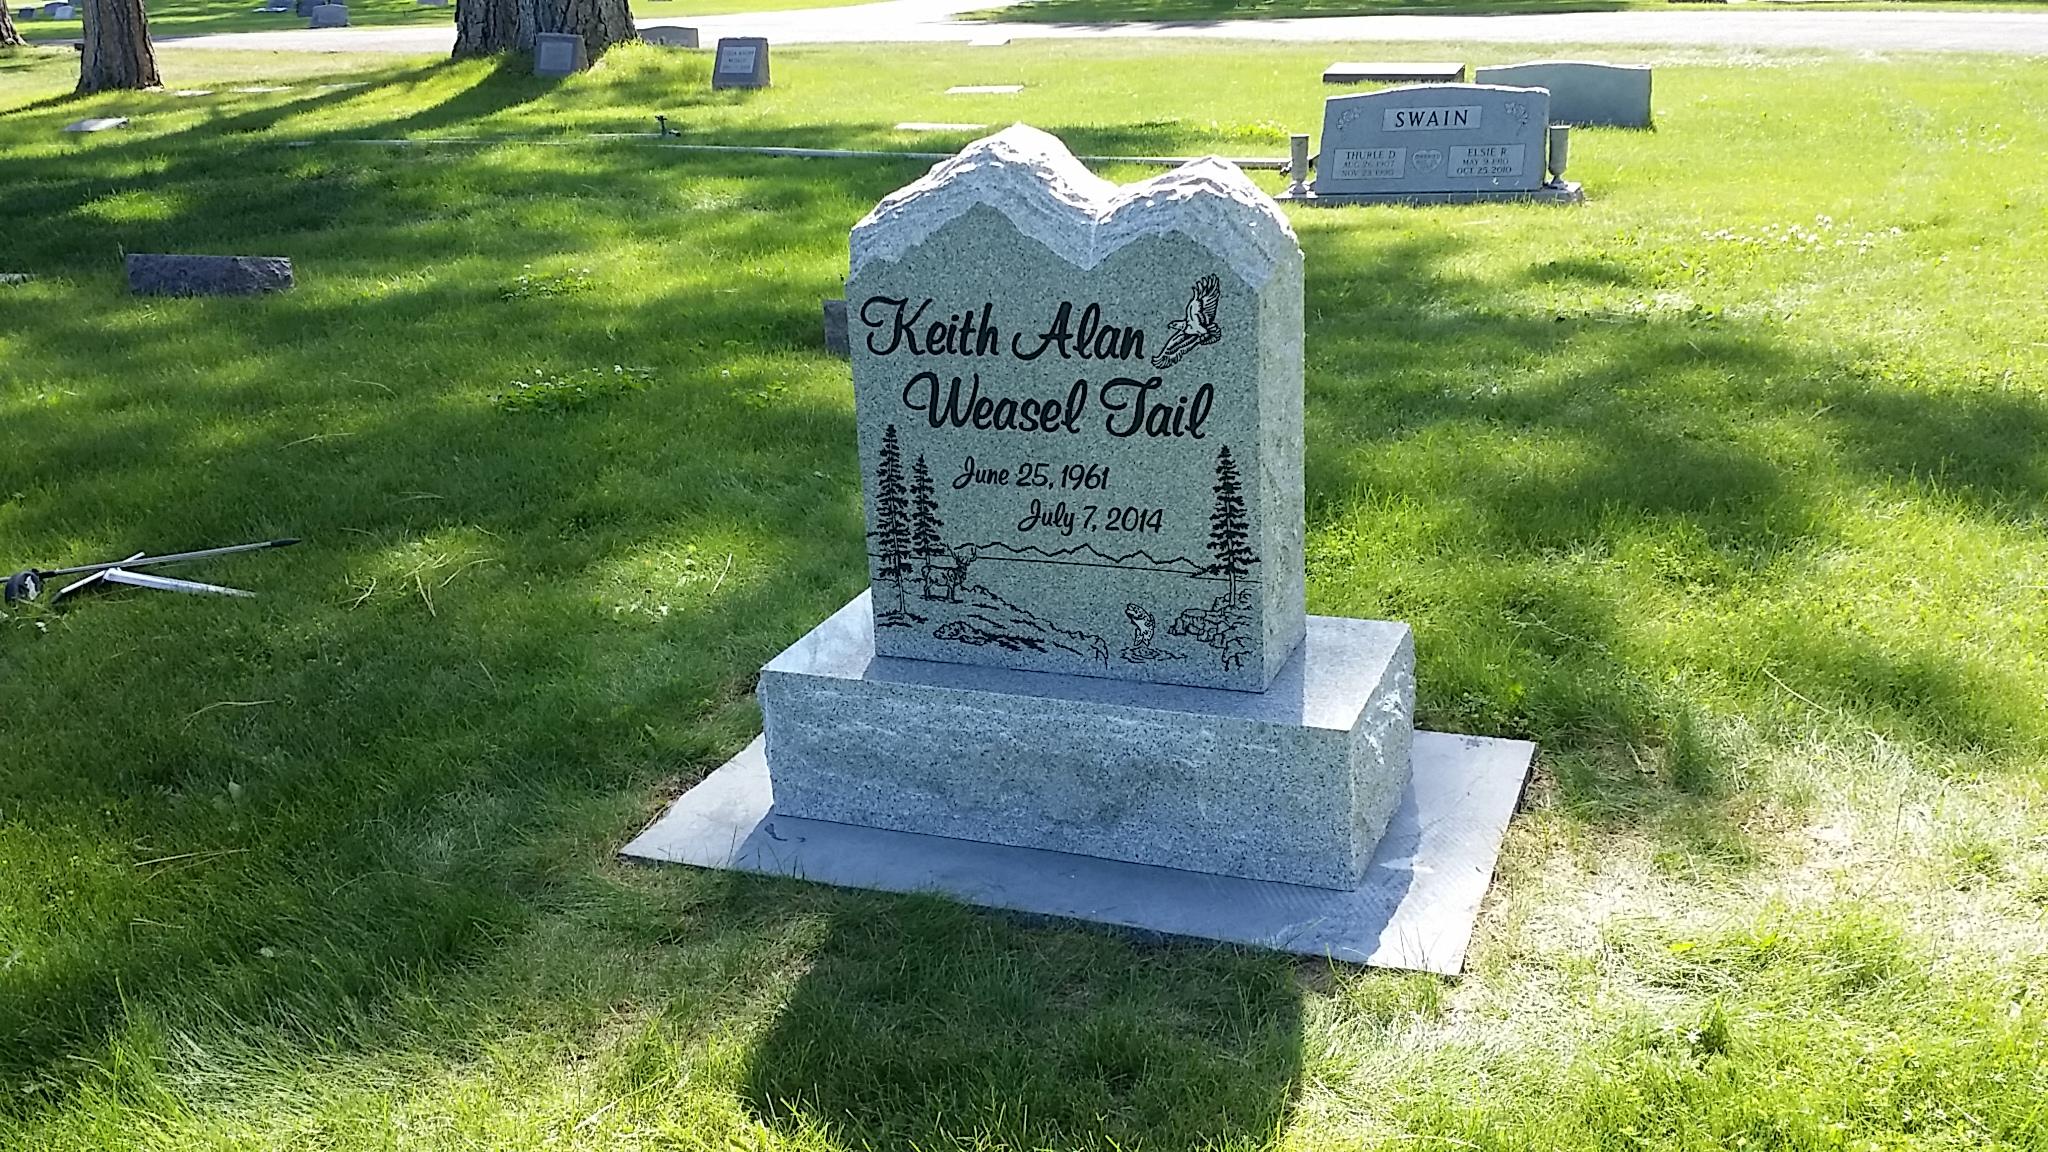 Weasel Tail Memorial